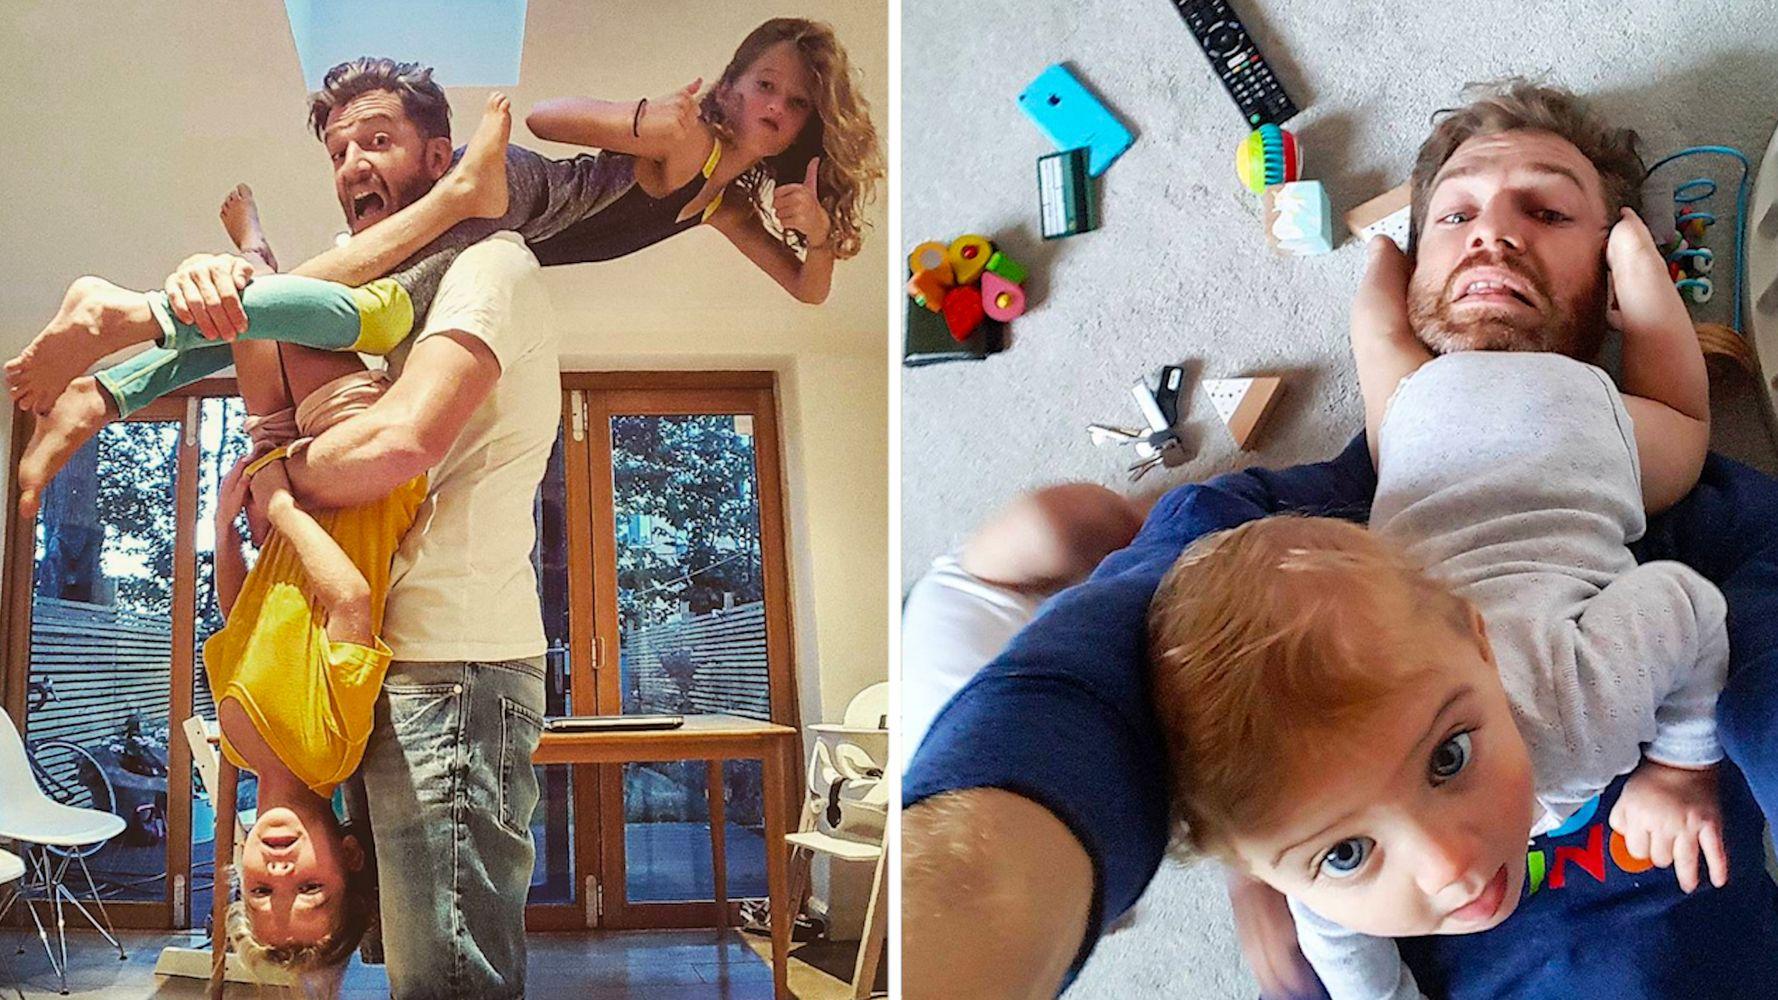 Ce papa partage sa vie de famille avec humour sur Instagram   Le Huffington Post